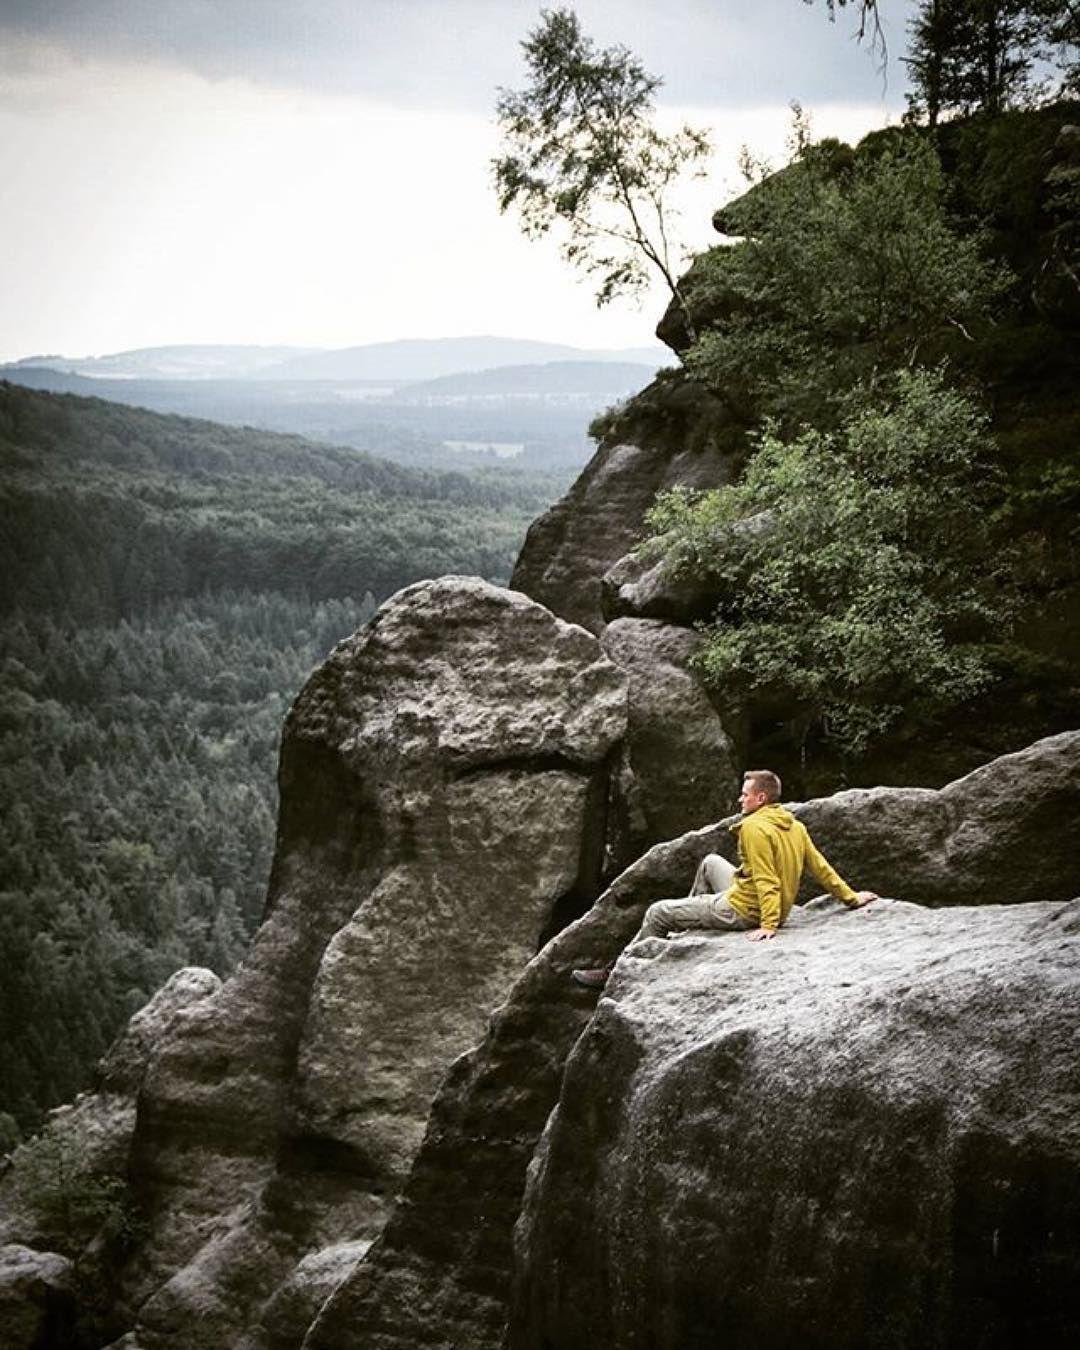 Pin By Sachsische Schweiz Elbsandst On Sachsens Perlen Natural Landmarks Nature Instagram